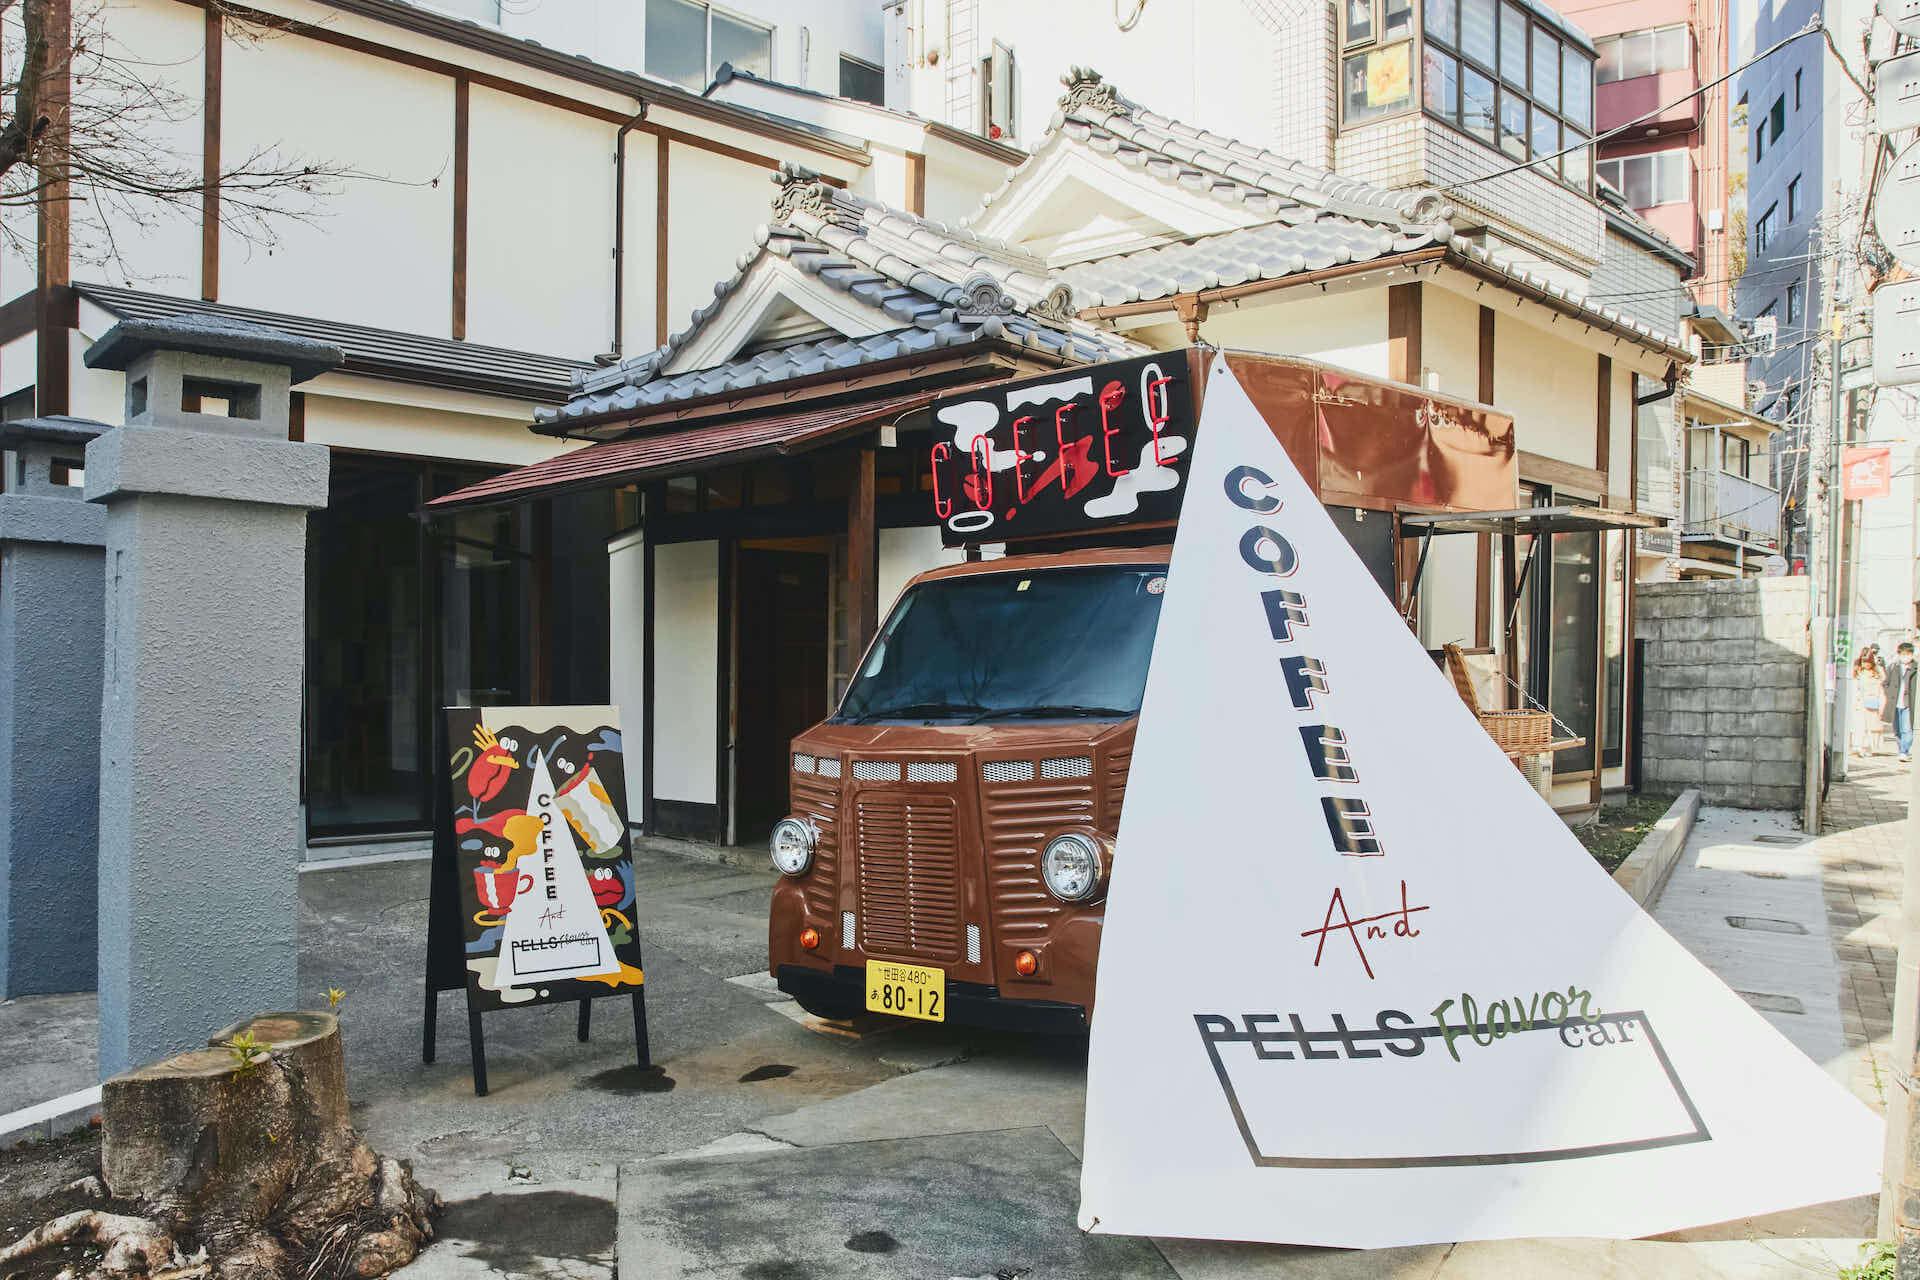 代官山のコーヒーショップ「PELLS」が原宿で新業態「PELLS Flavor car」をスタート!グルテンフリーのブラウニー、ワッフルポップなど販売 gourmet210226_pells_13-1920x1280